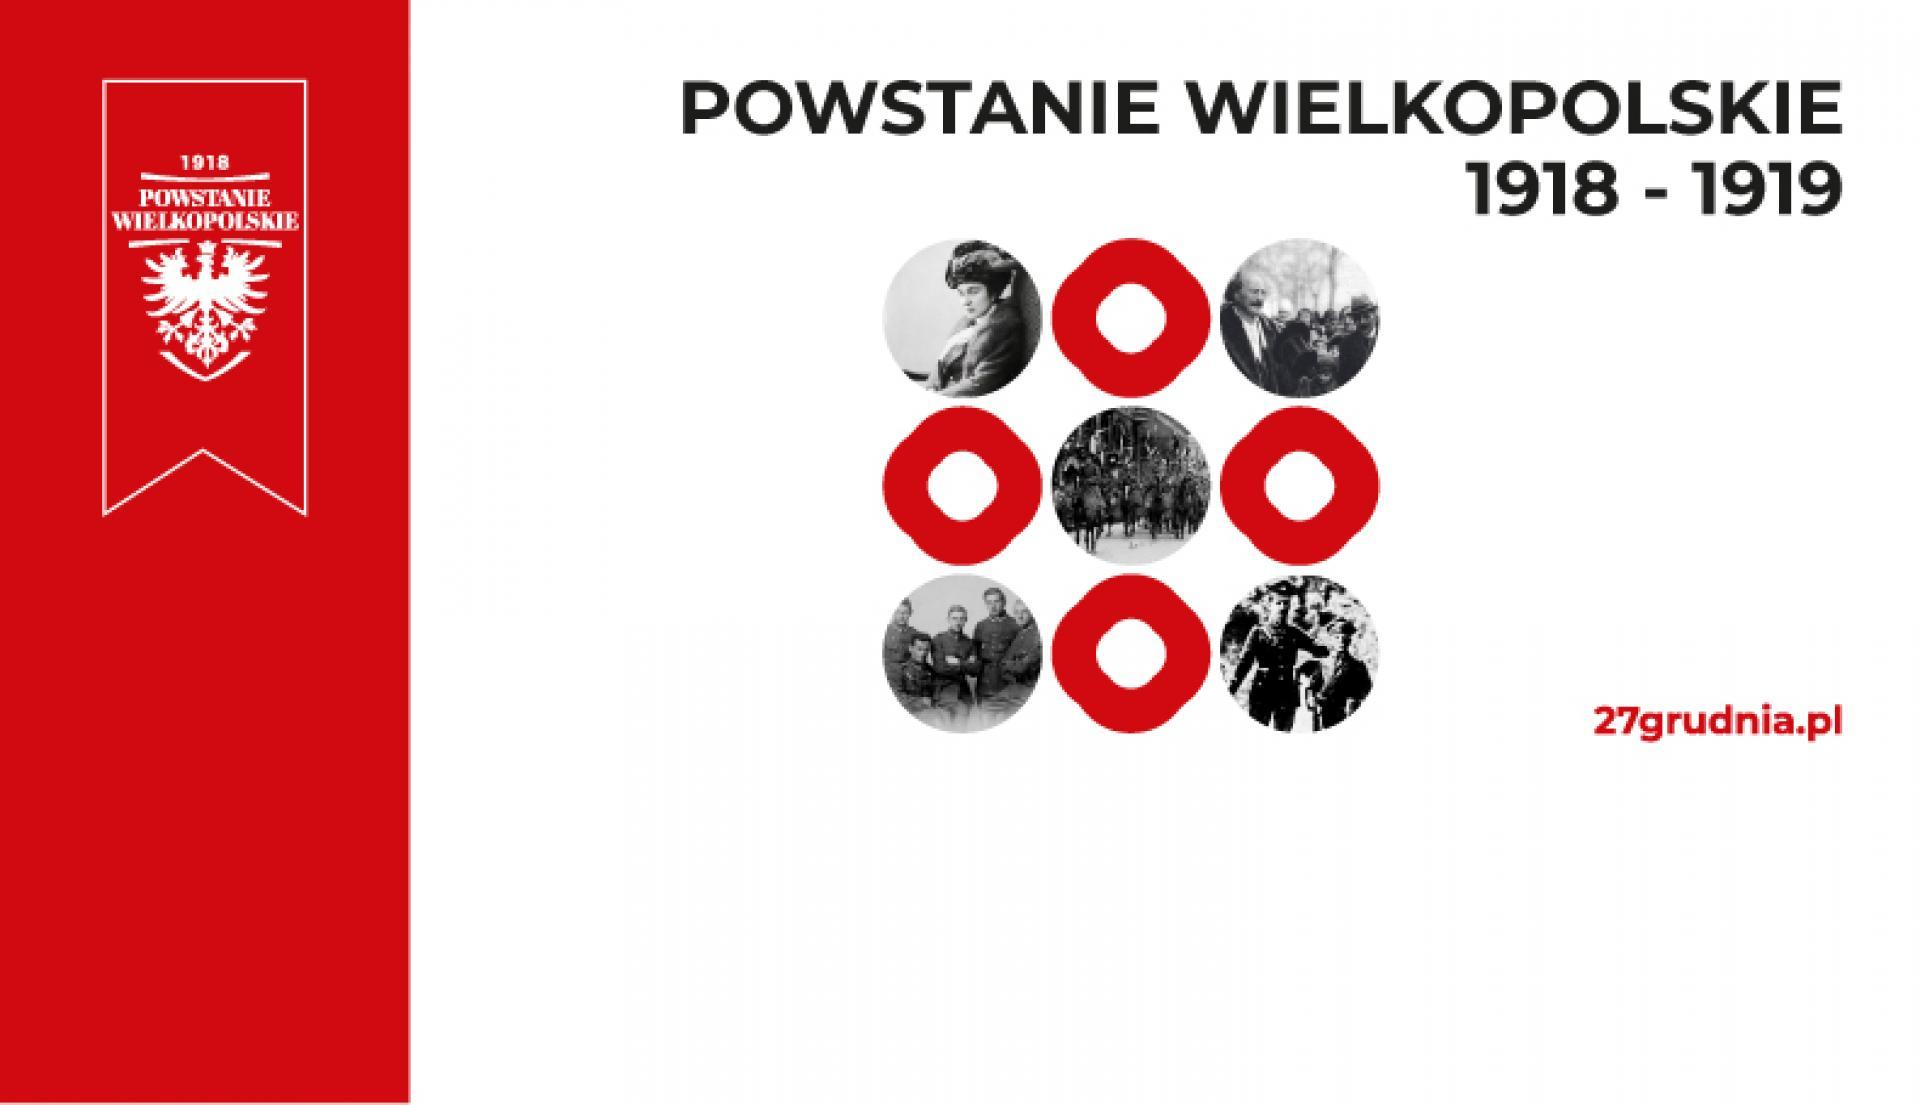 Oddajmy hołd bohaterom zwycięskiego Powstania Wielkopolskiego 1918/1919 - zobacz więcej